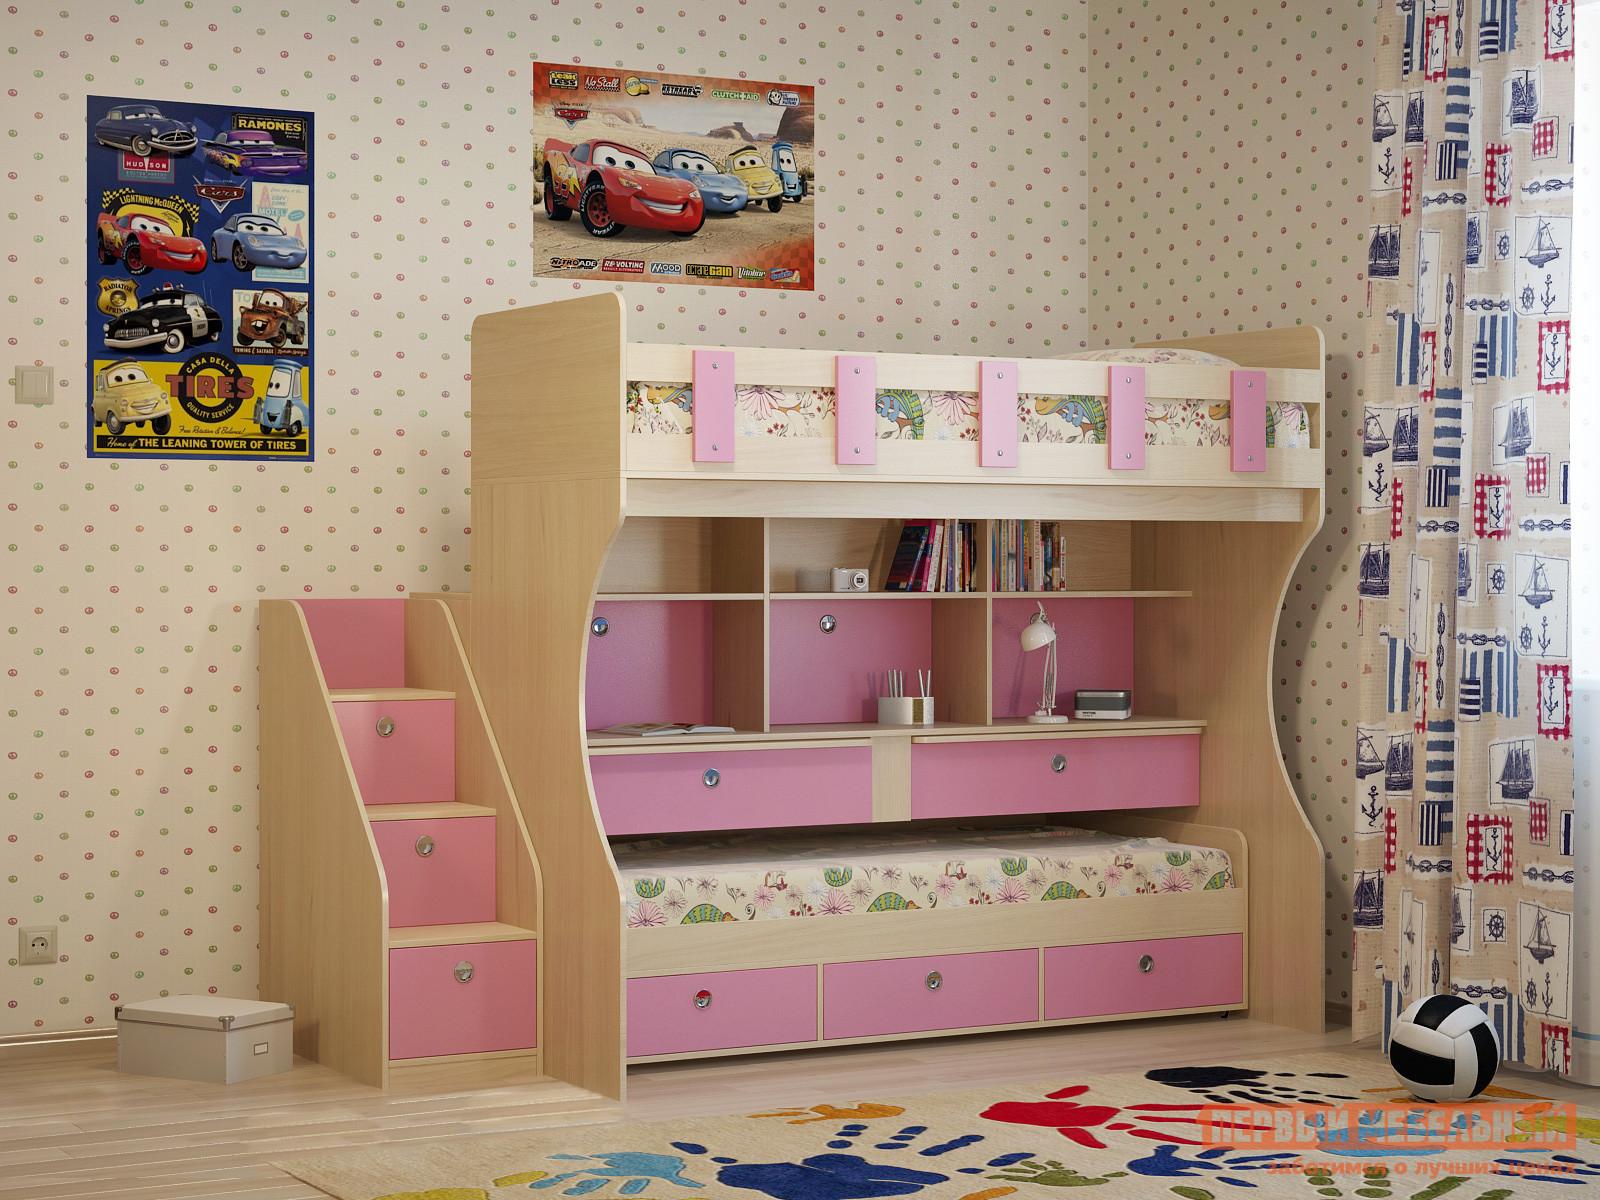 Двухъярусная выдвижная кровать-чердак Милана Милана-10 Дуб двухъярусная кровать милсон милана duo 200 х 80 см красная